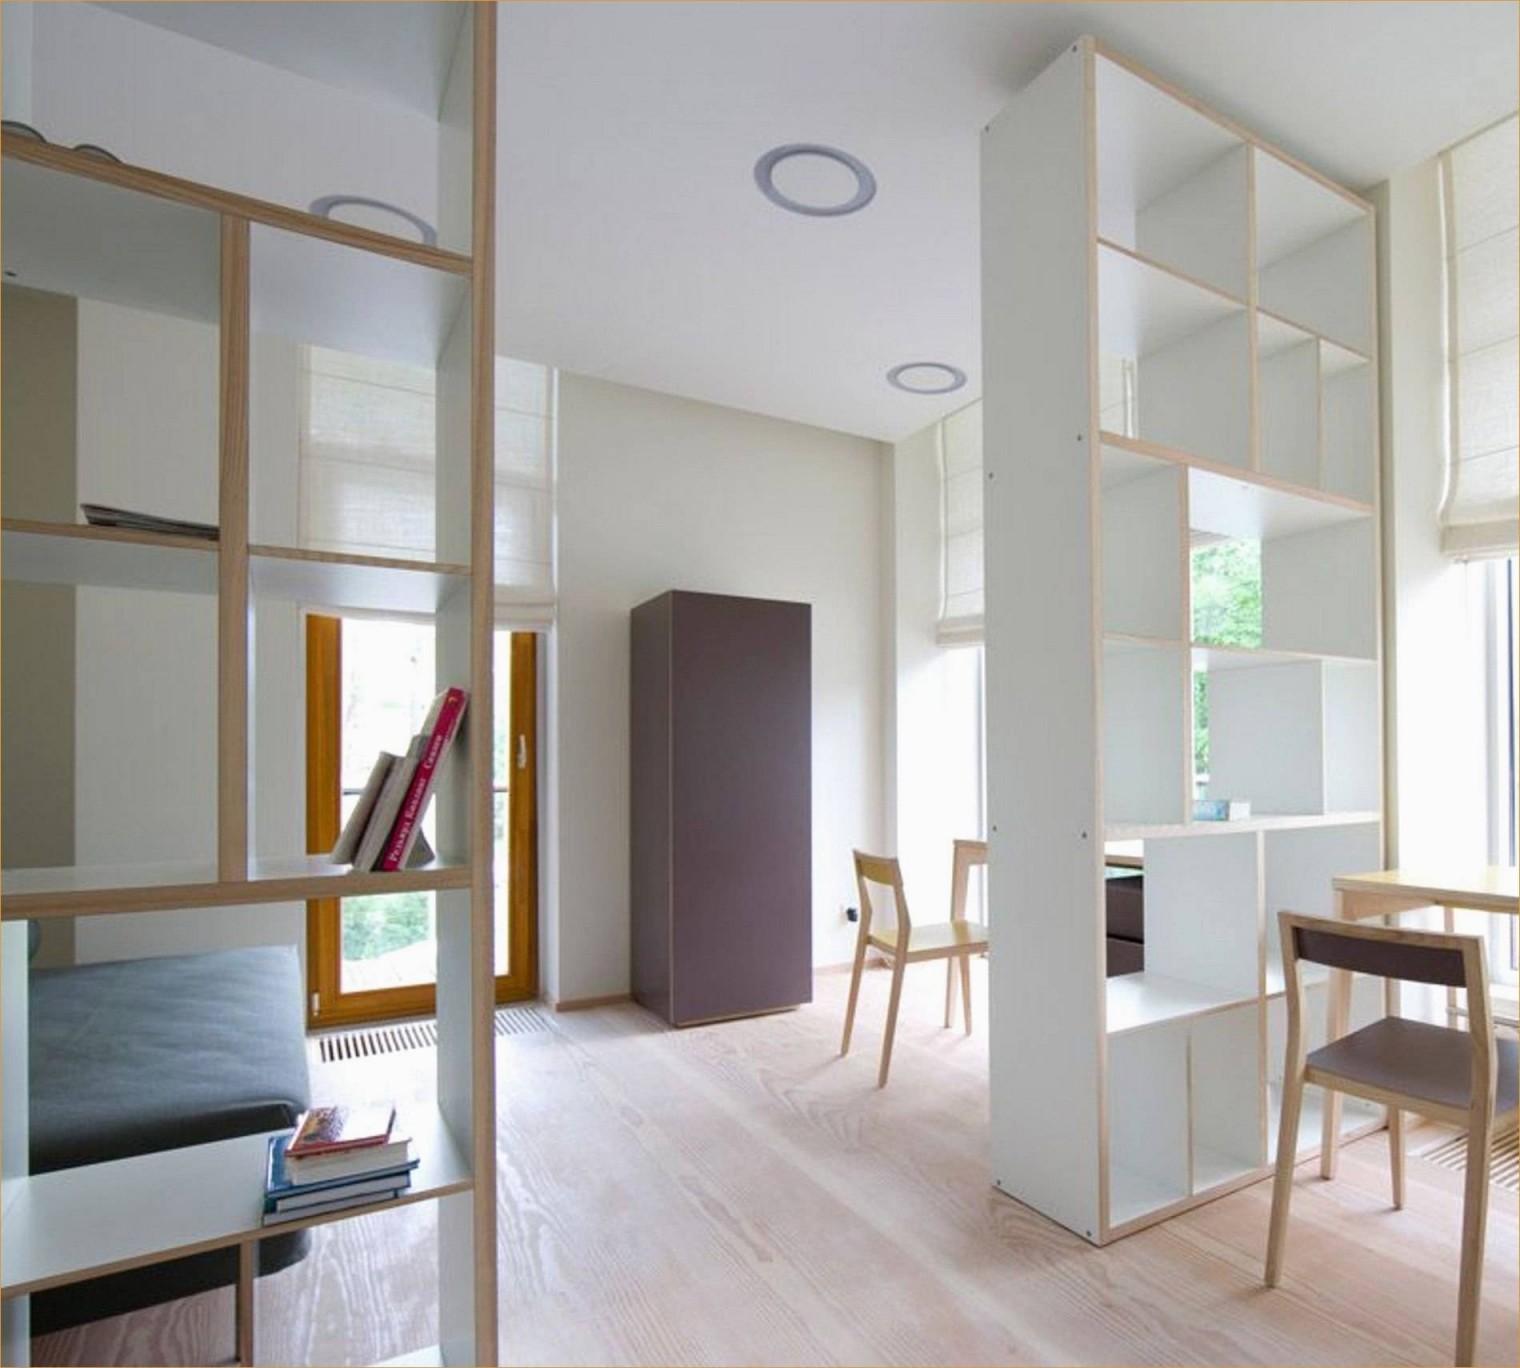 Unique Raumteiler Wohnzimmer Ideen Ideas  Forsvars Framjandet von Raumteiler Ideen Schlafzimmer Photo